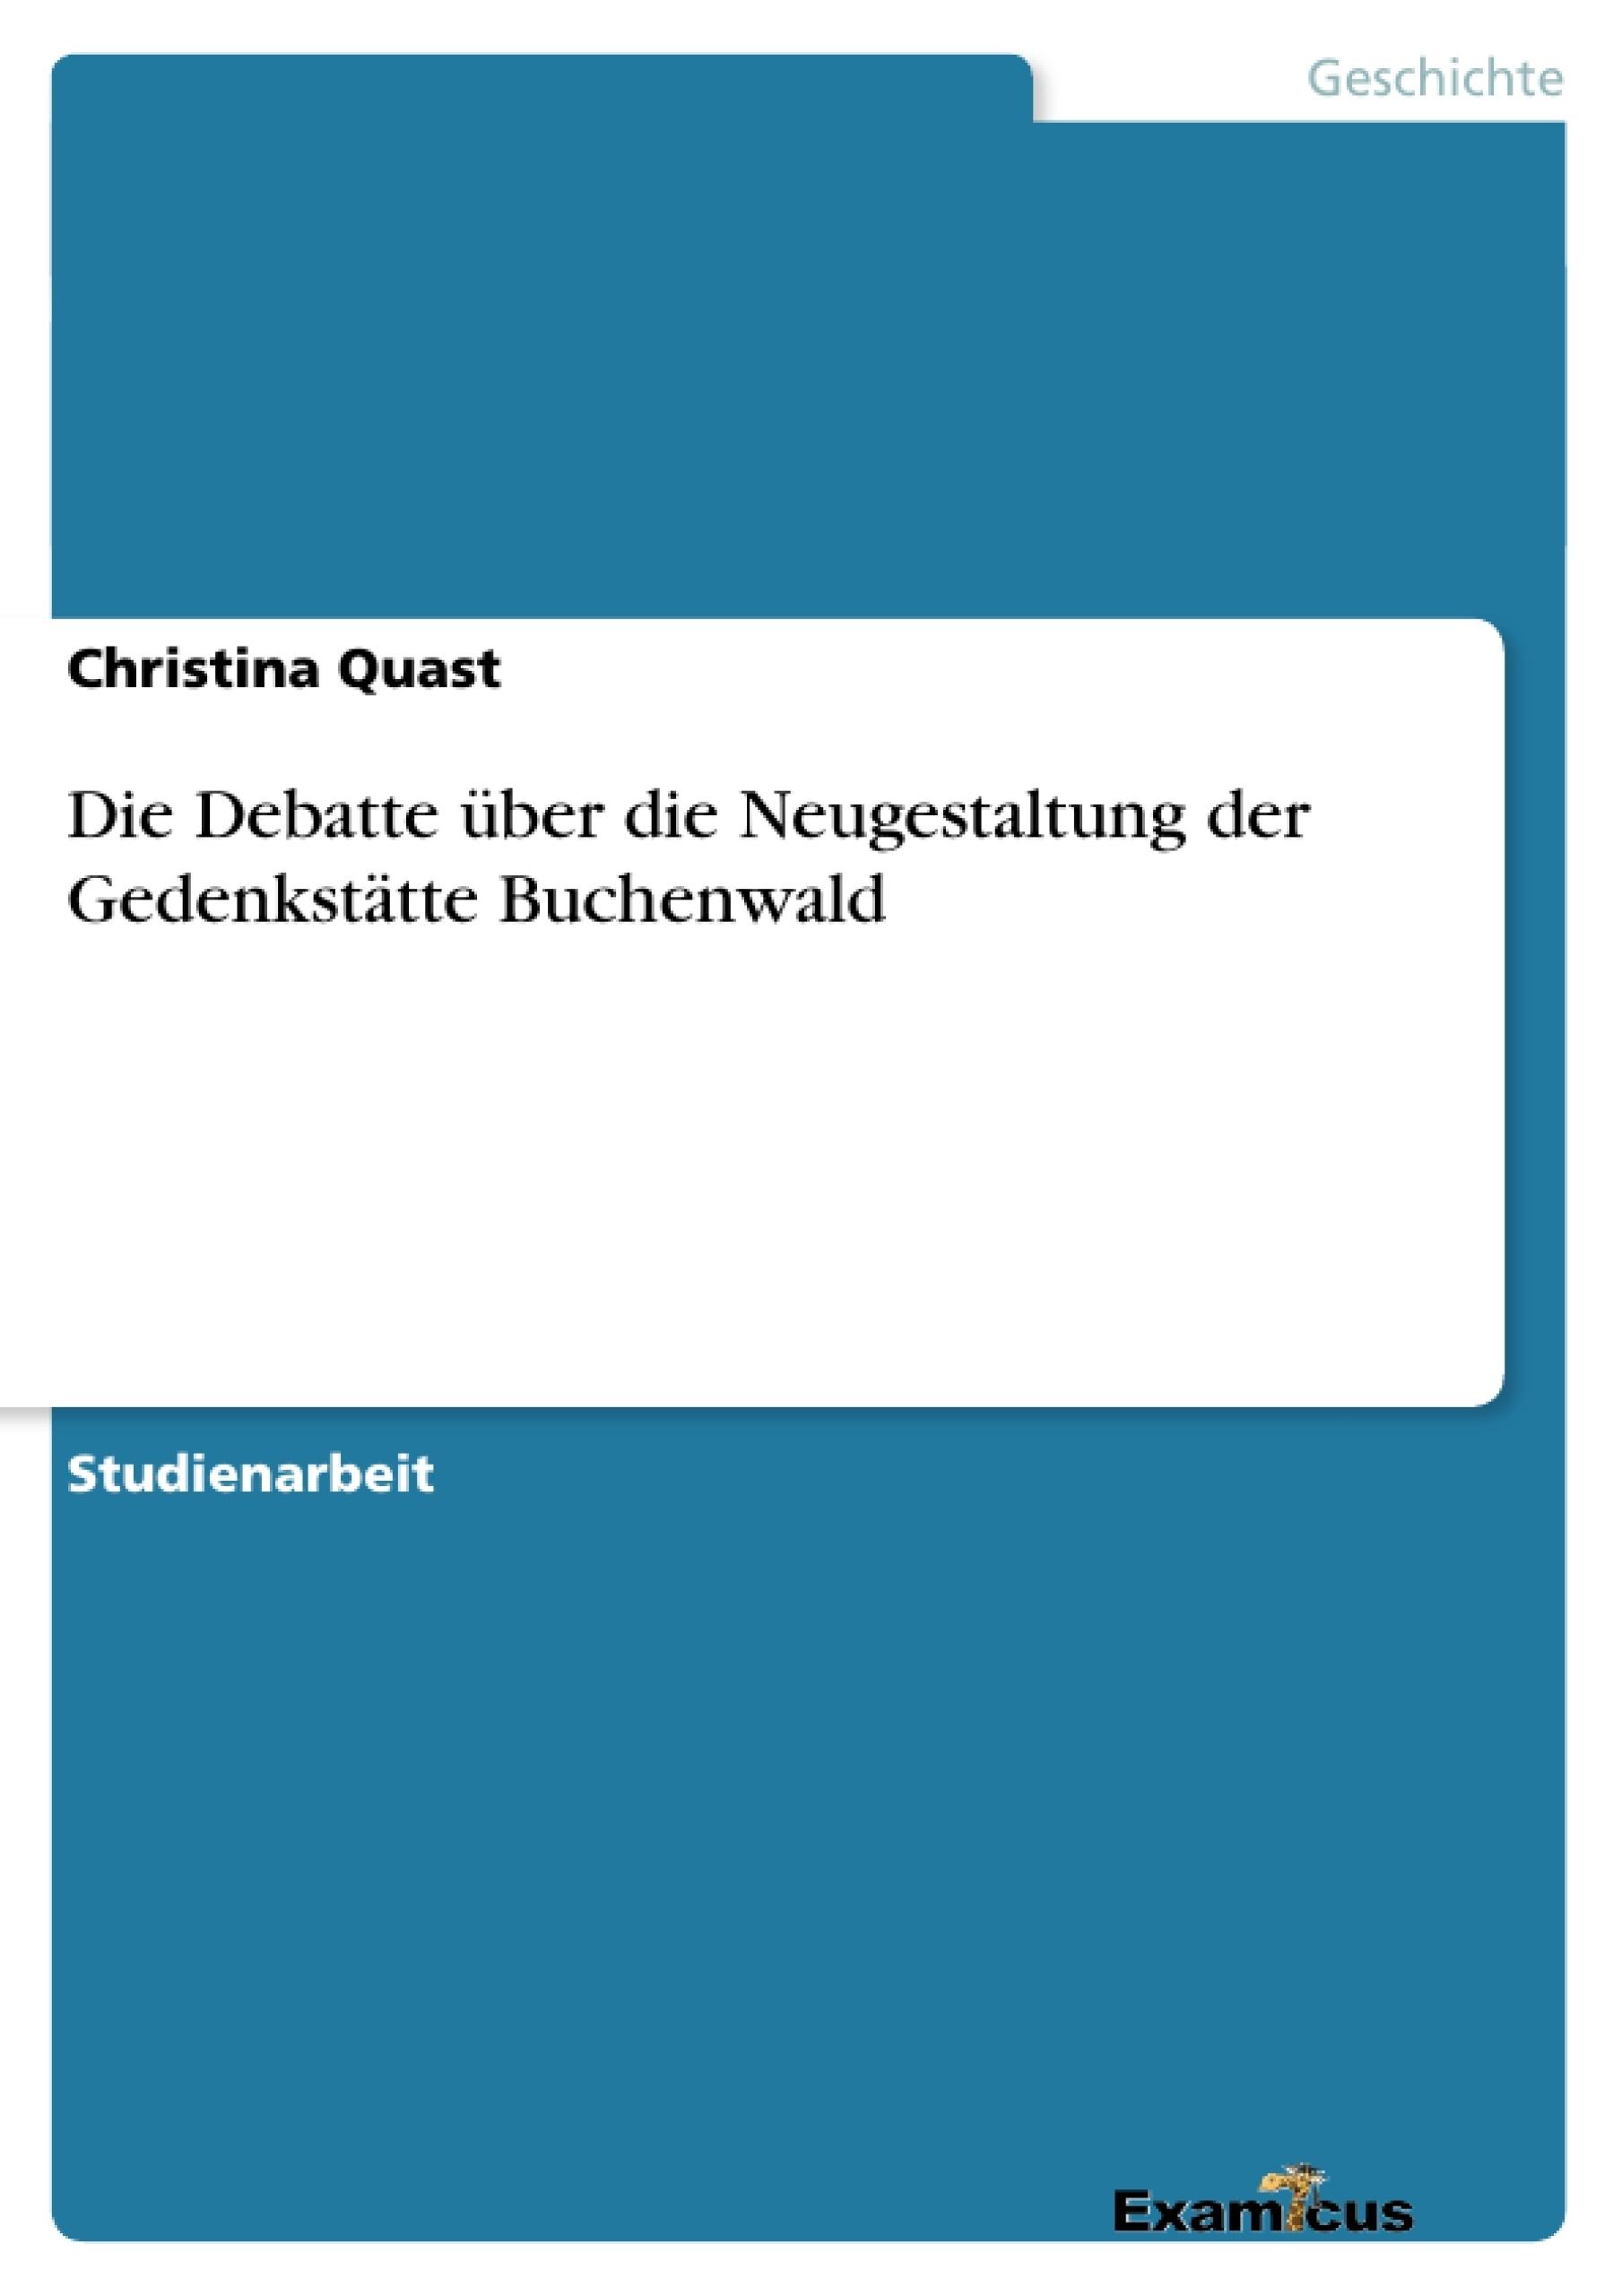 Titel: Die Debatte über die Neugestaltung der Gedenkstätte Buchenwald